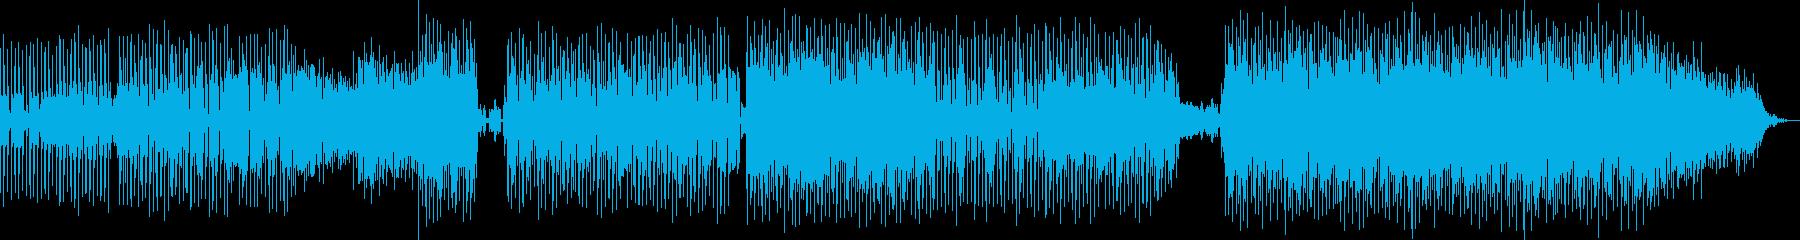 電子機器パルスバウンシーグルーブ。...の再生済みの波形